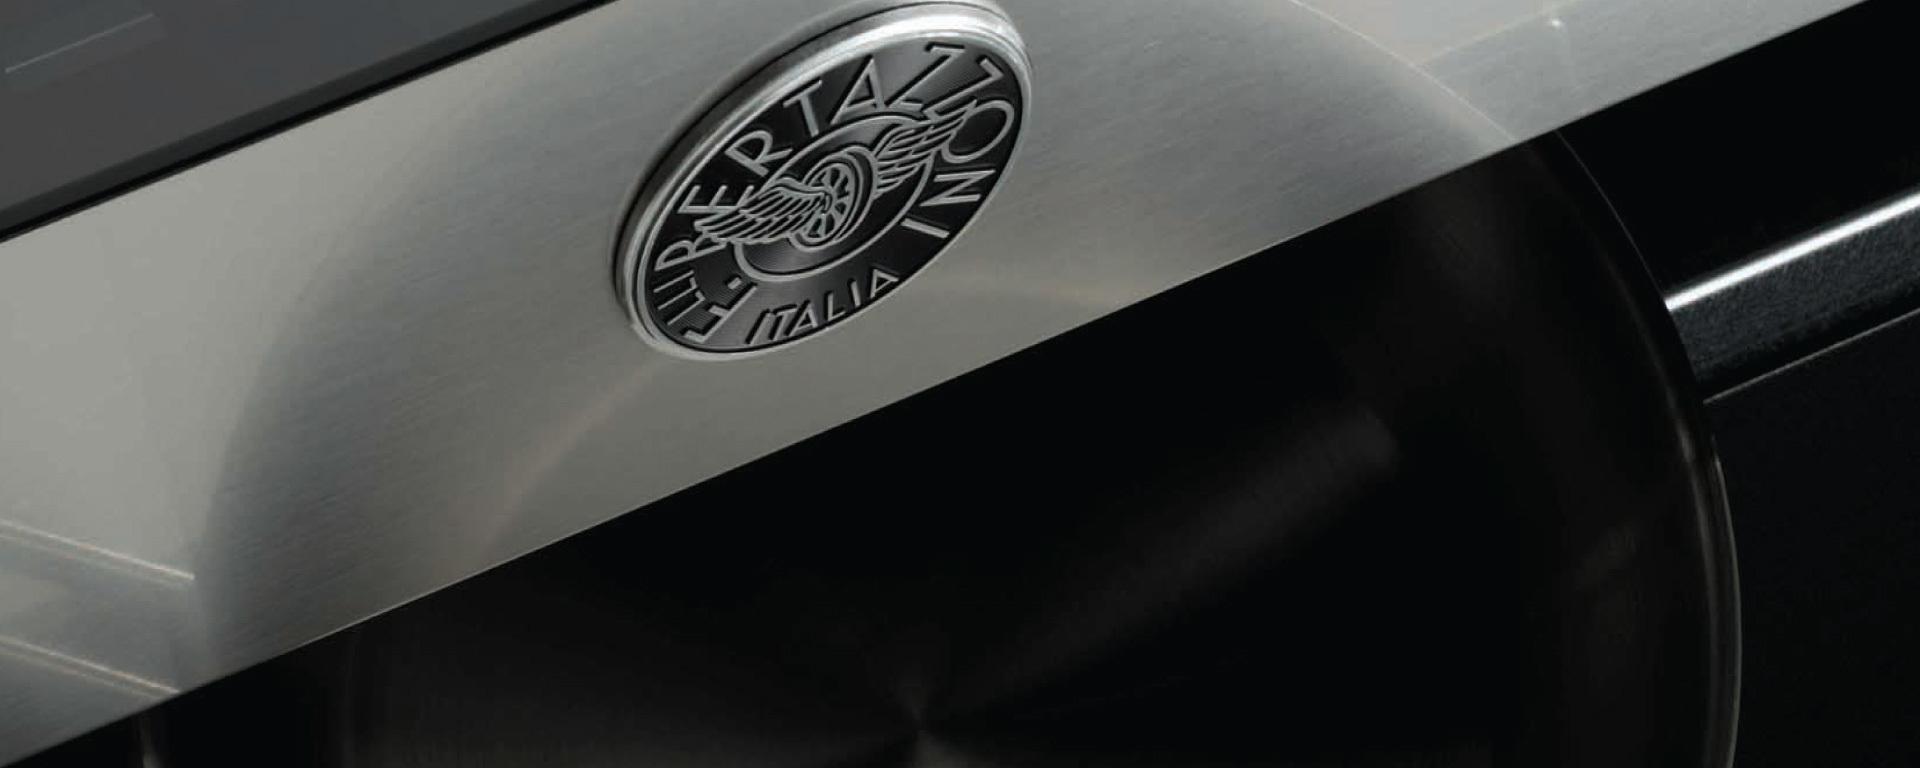 Электрическая плита Bertazzoni PRO1005IMFETGIT